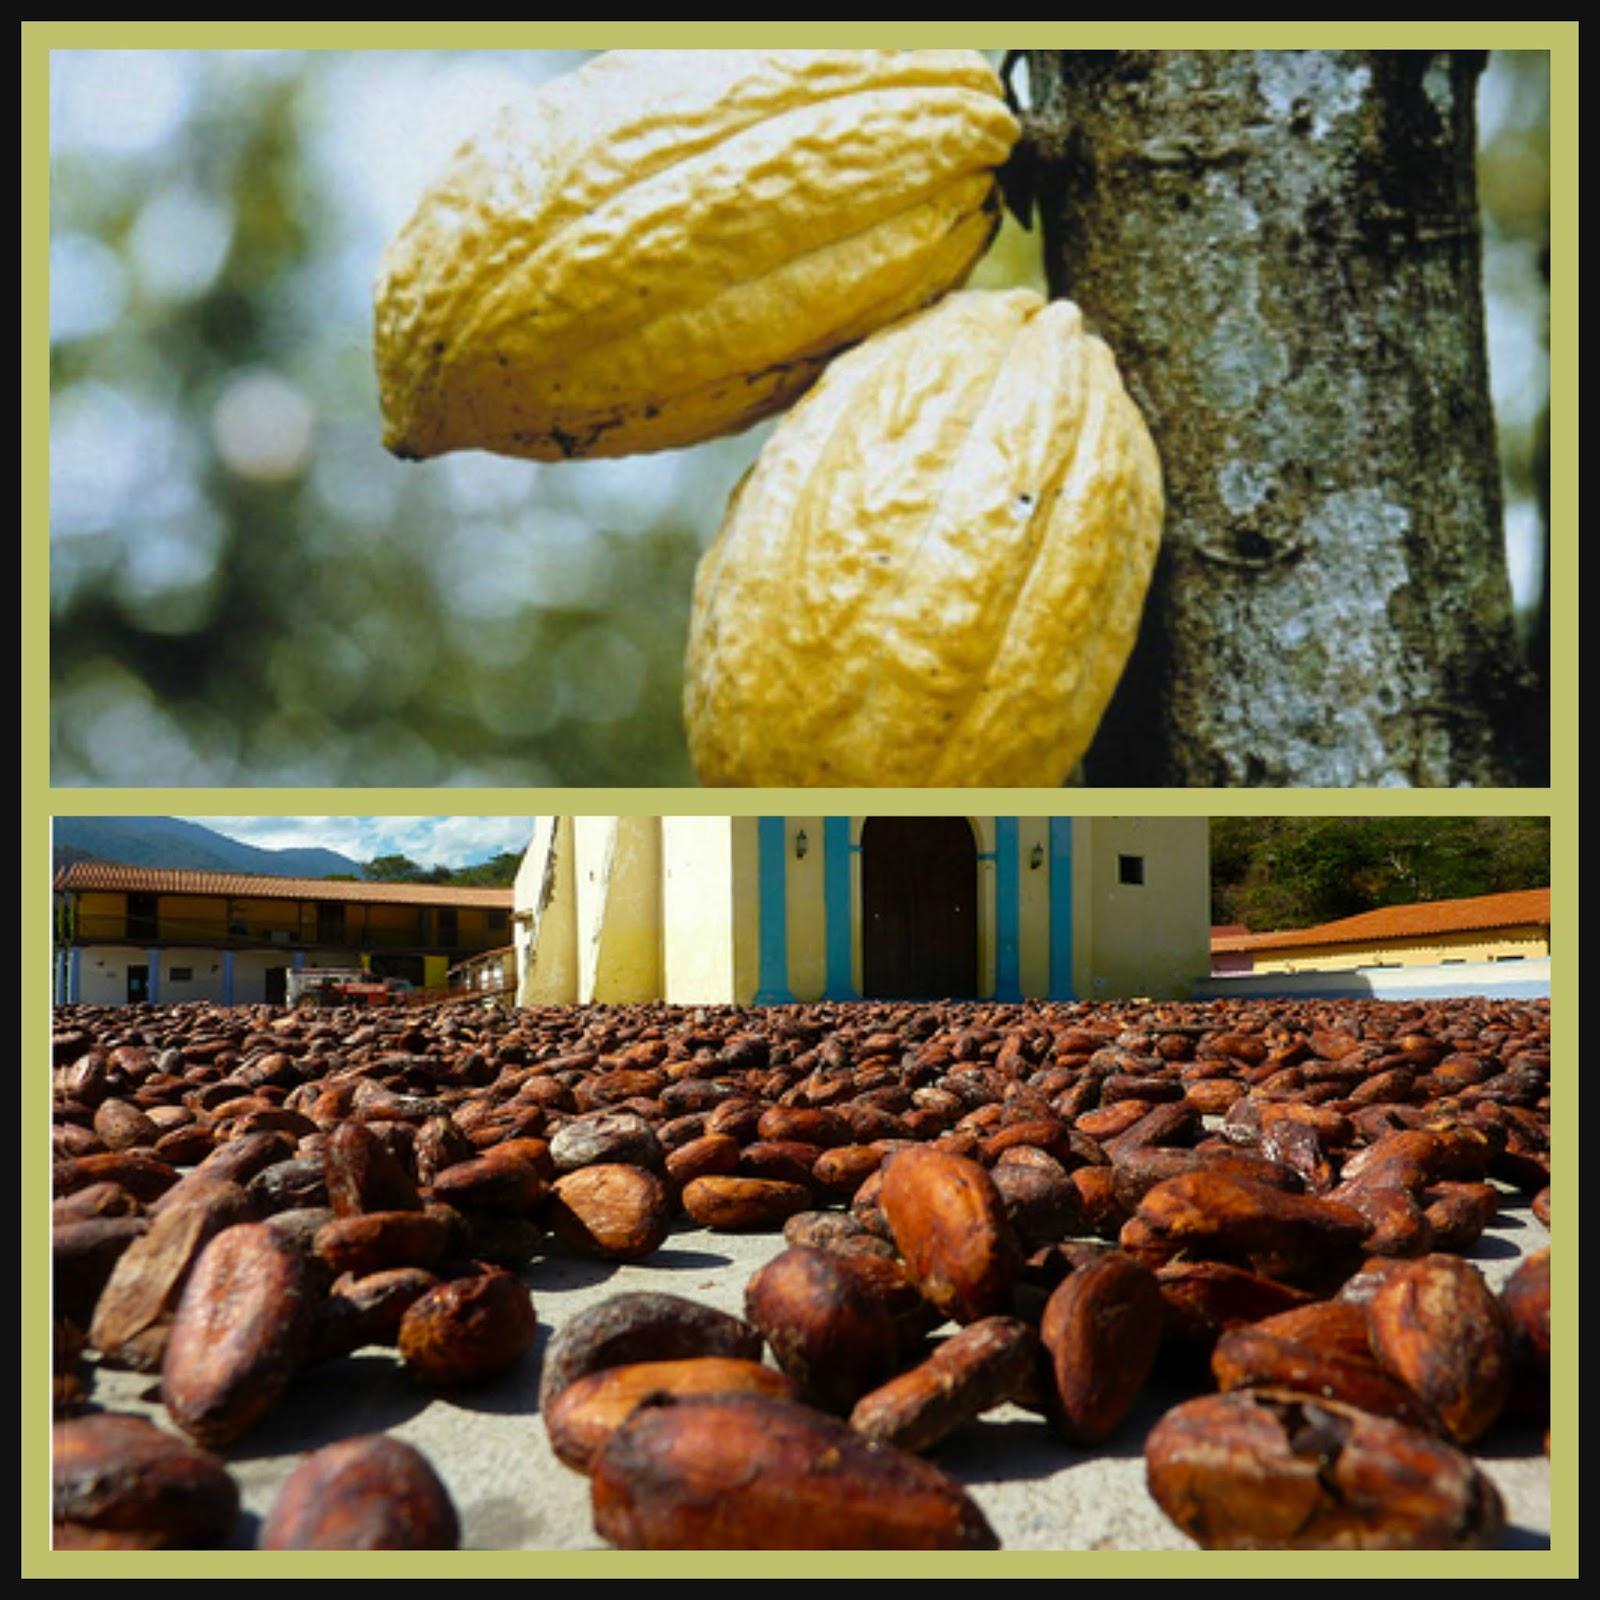 Cultivo (Cacao, Arroz, Caña de Azúcar, Maíz, Algodón)